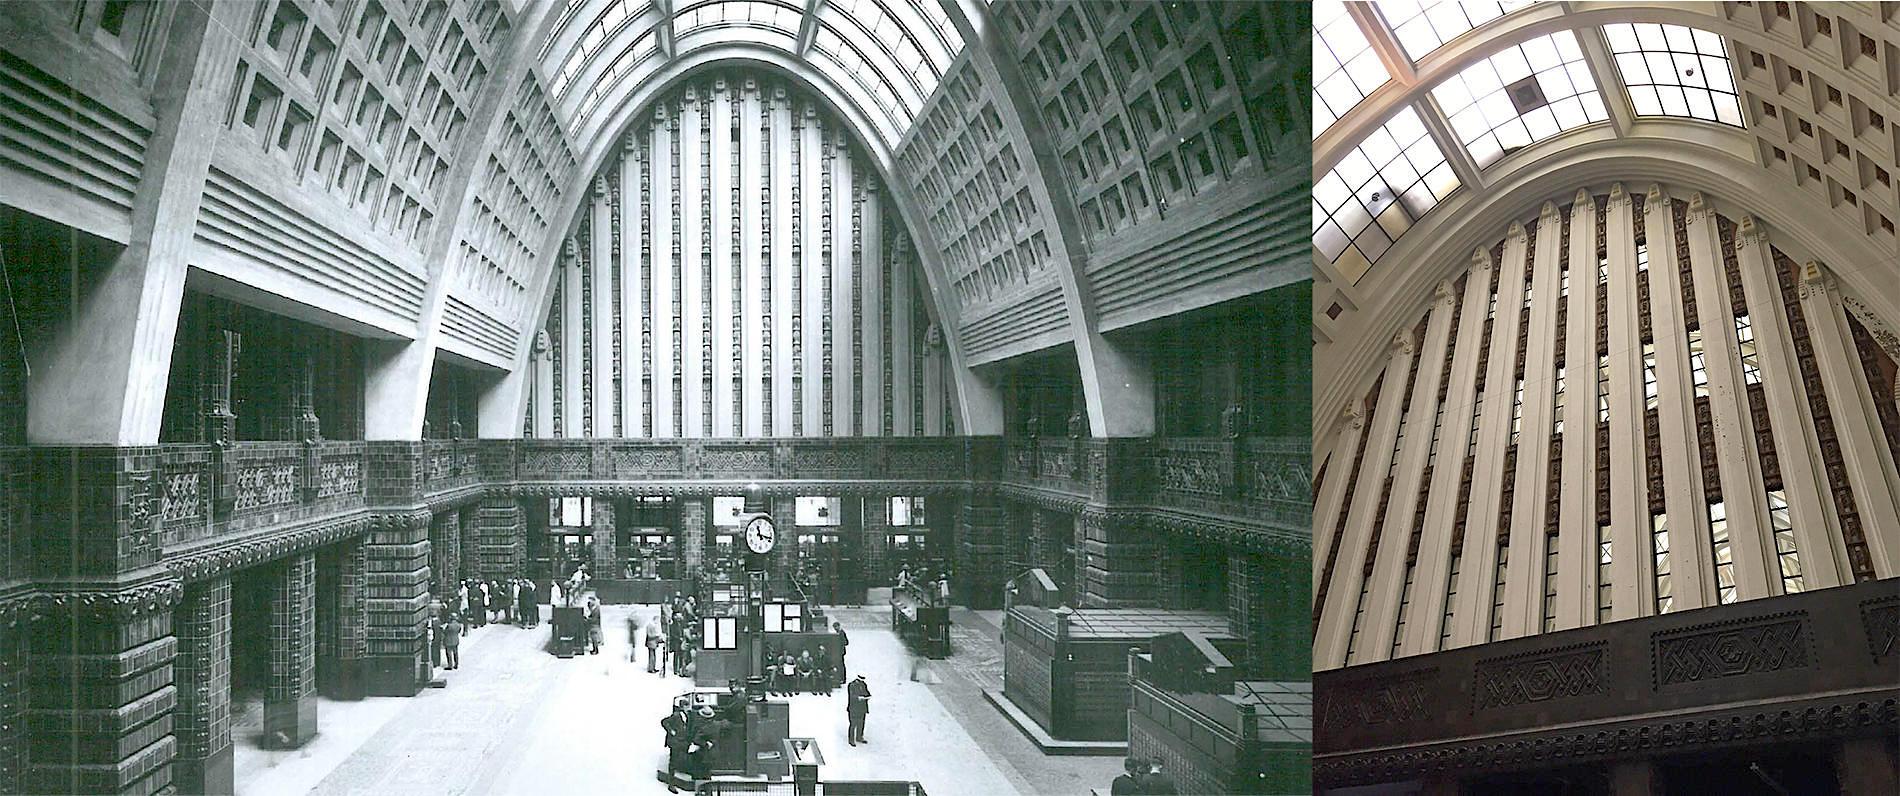 Historische Aufnahme der ehemaligen Schalterhalle. So ist sie erhalten und wird originalgetreu restauriert. Unterstützt wird das New Yorker Architekturbüro ODA vom Den Haager Architekturbüro Braaksma & Roos, das sich auf die Umnutzung historischer Gebäude spezialisiert hat.